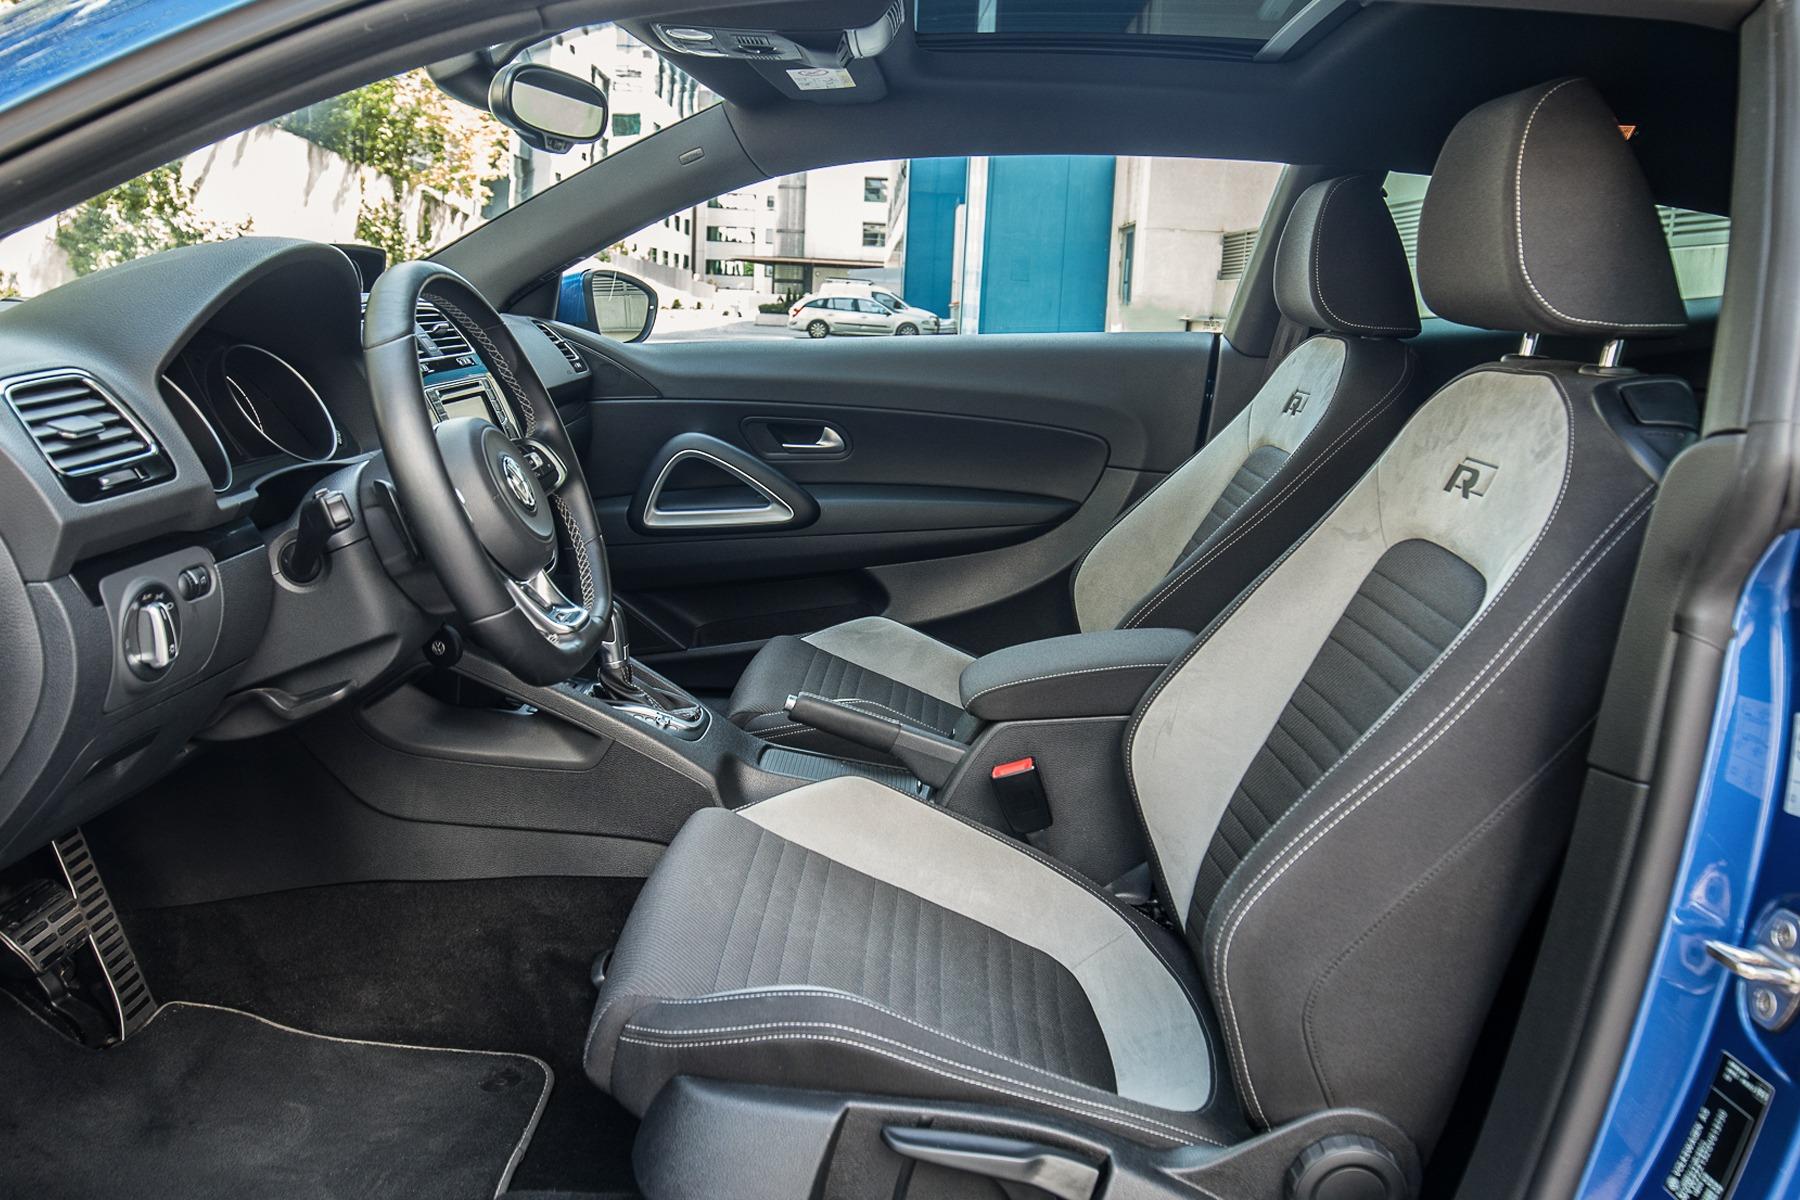 Claves para una postura de conducción correcta